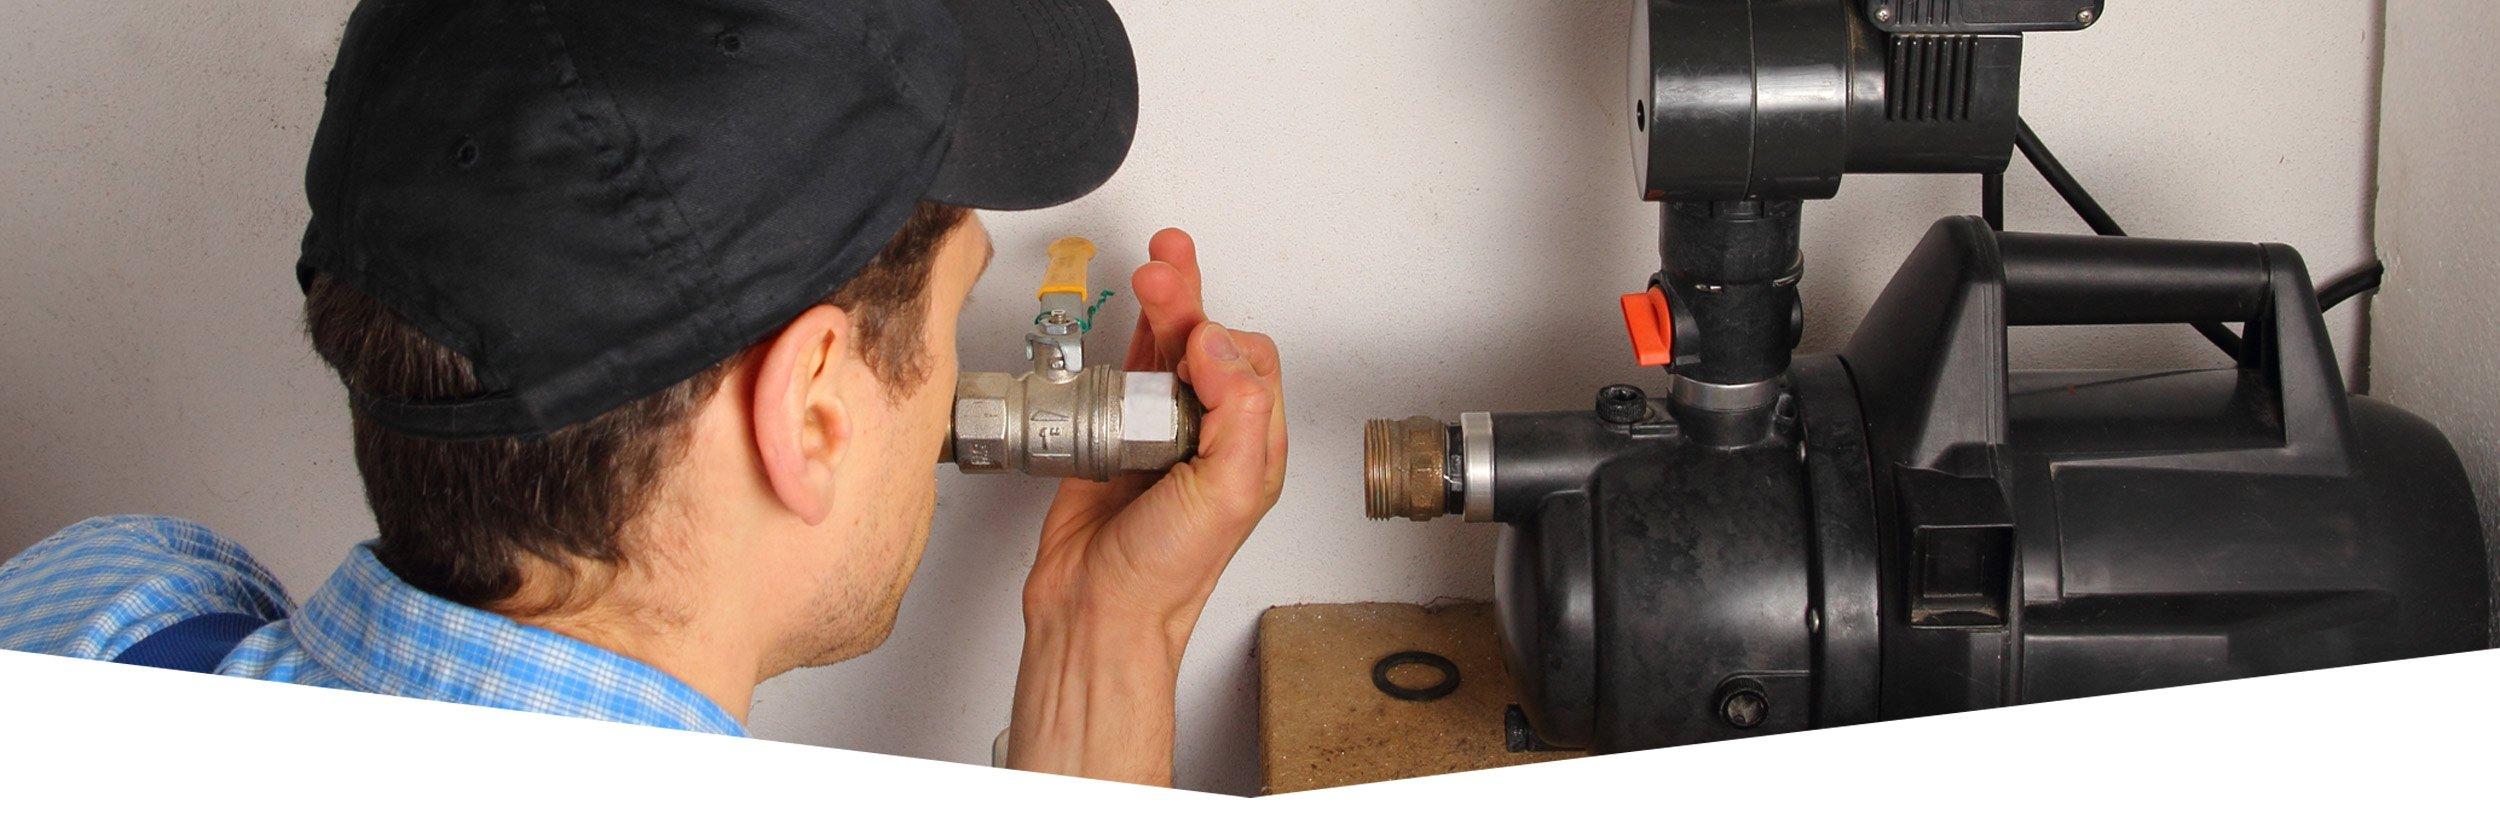 Un uomo effettua una manutenzione su un impianto idraulico